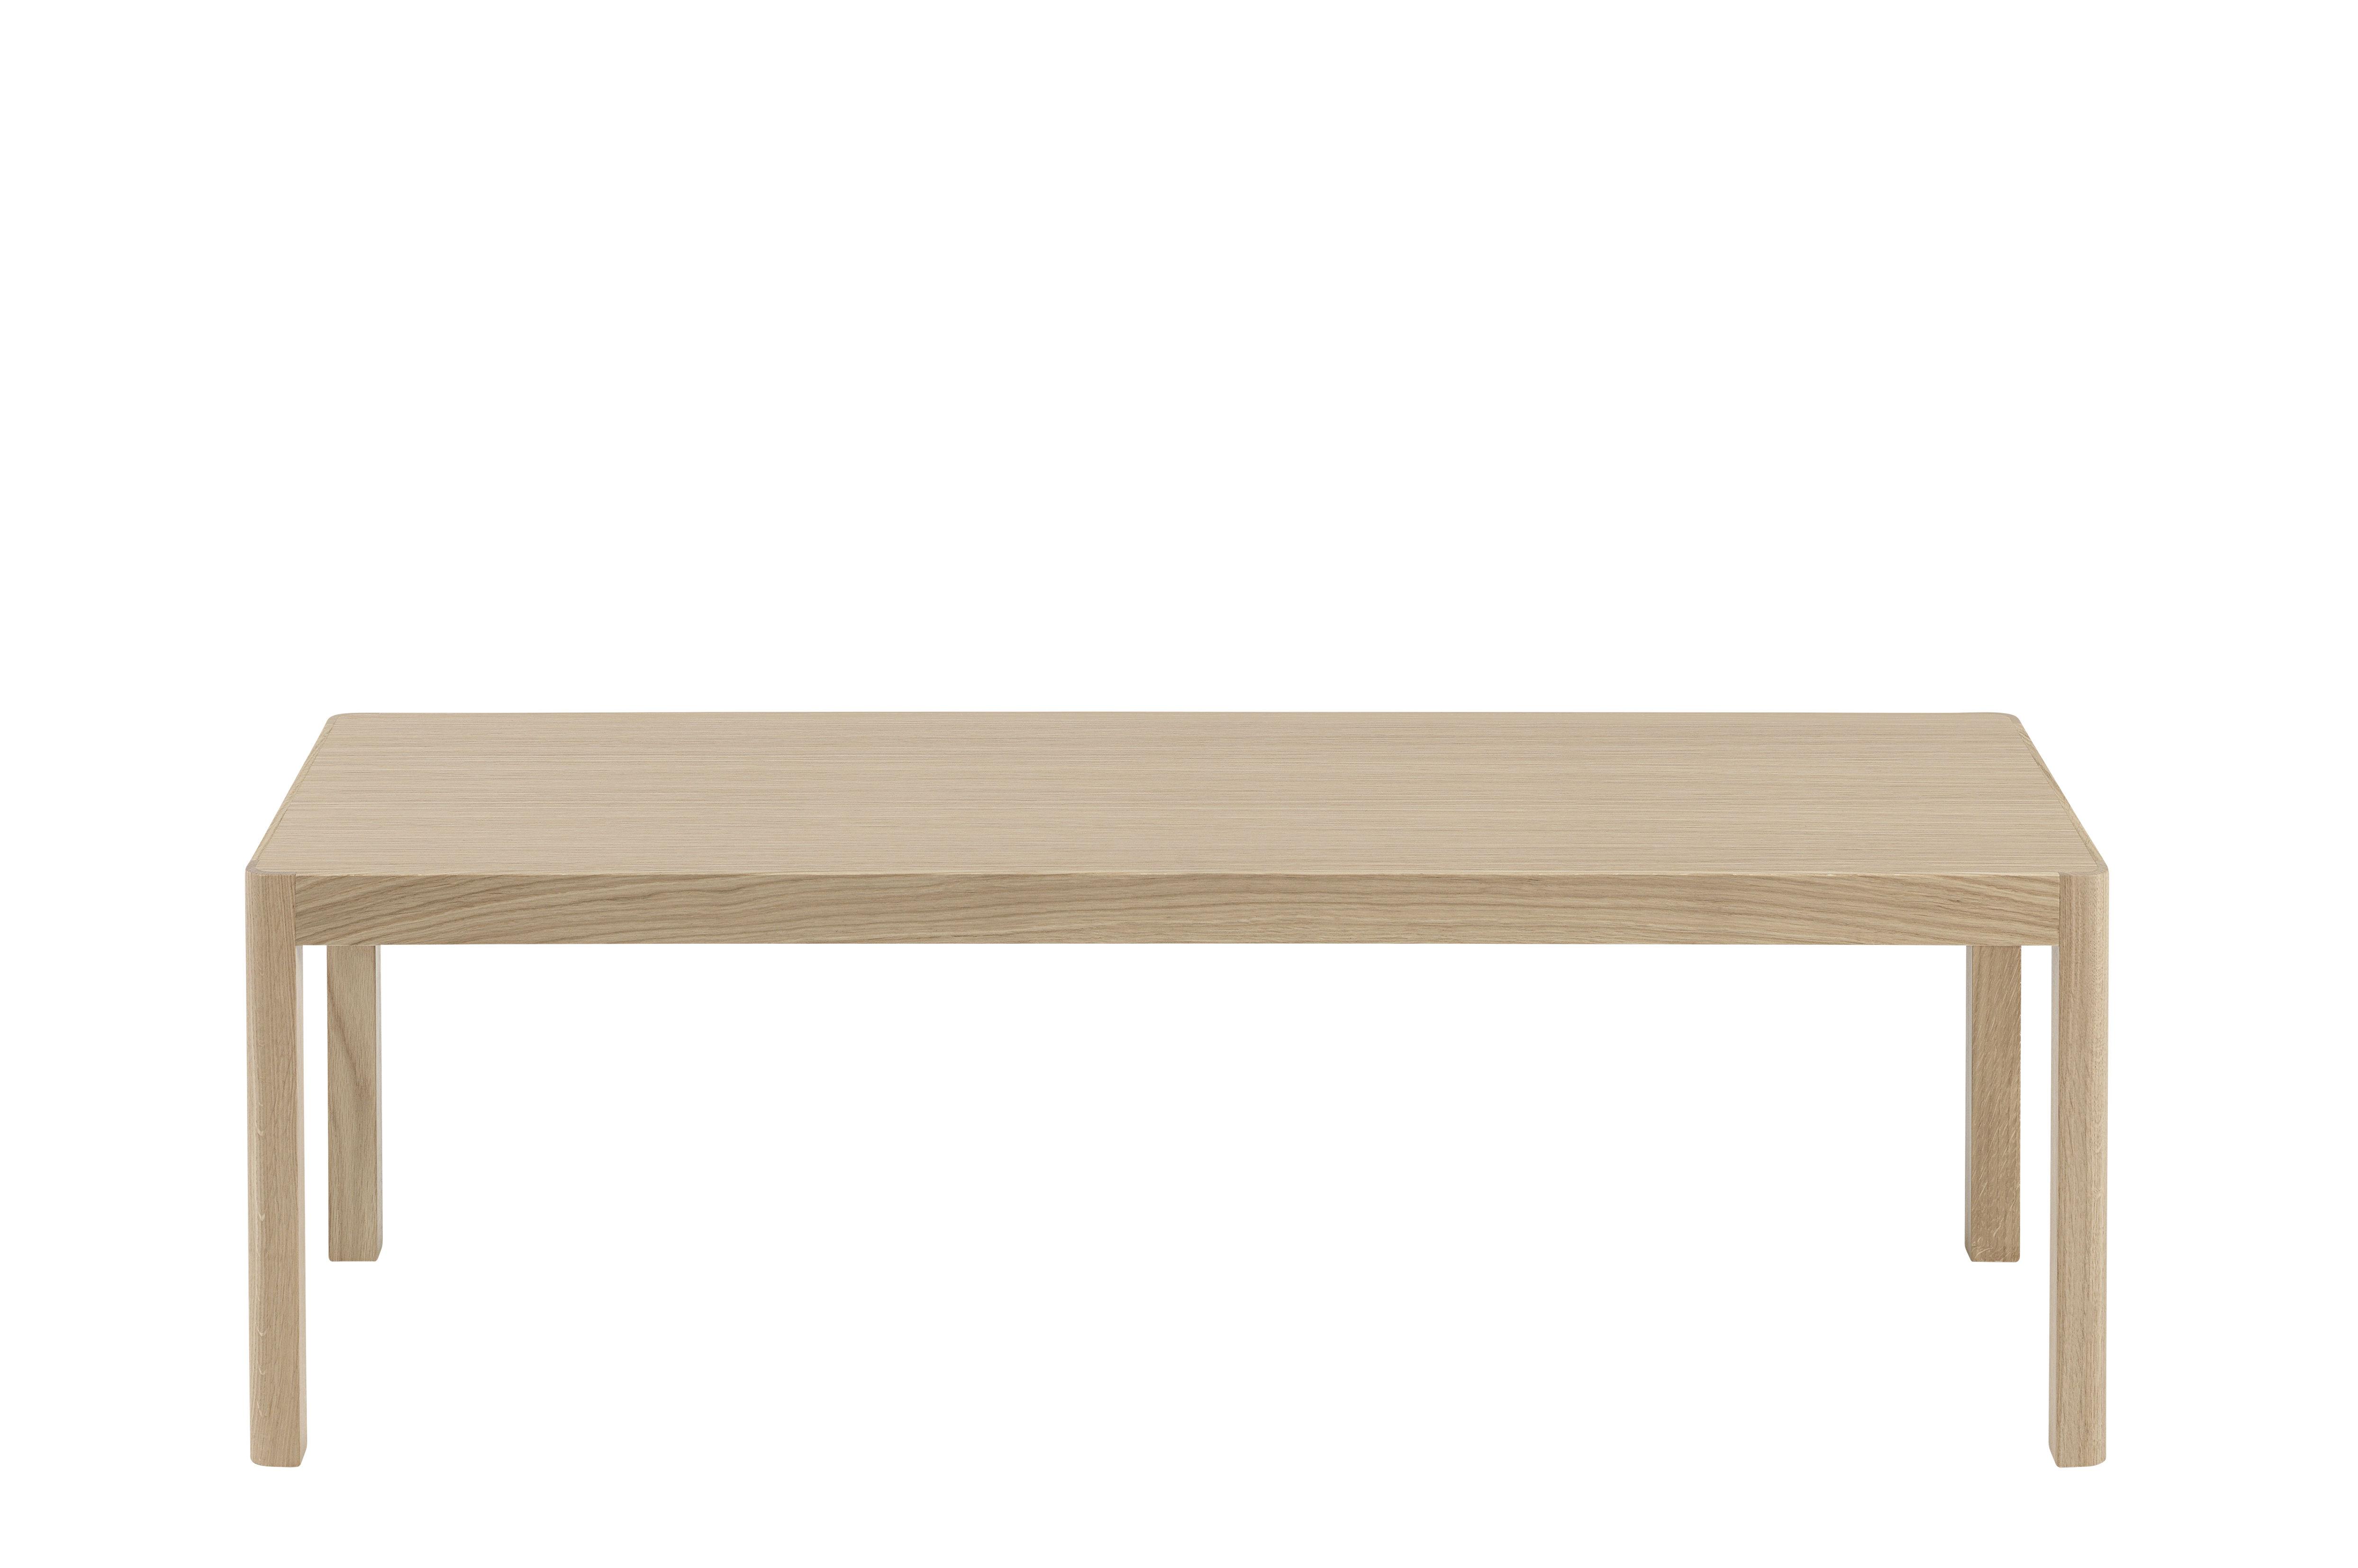 Amüsant Holz Beistelltisch Galerie Von Möbel - Tische - Workshop / -